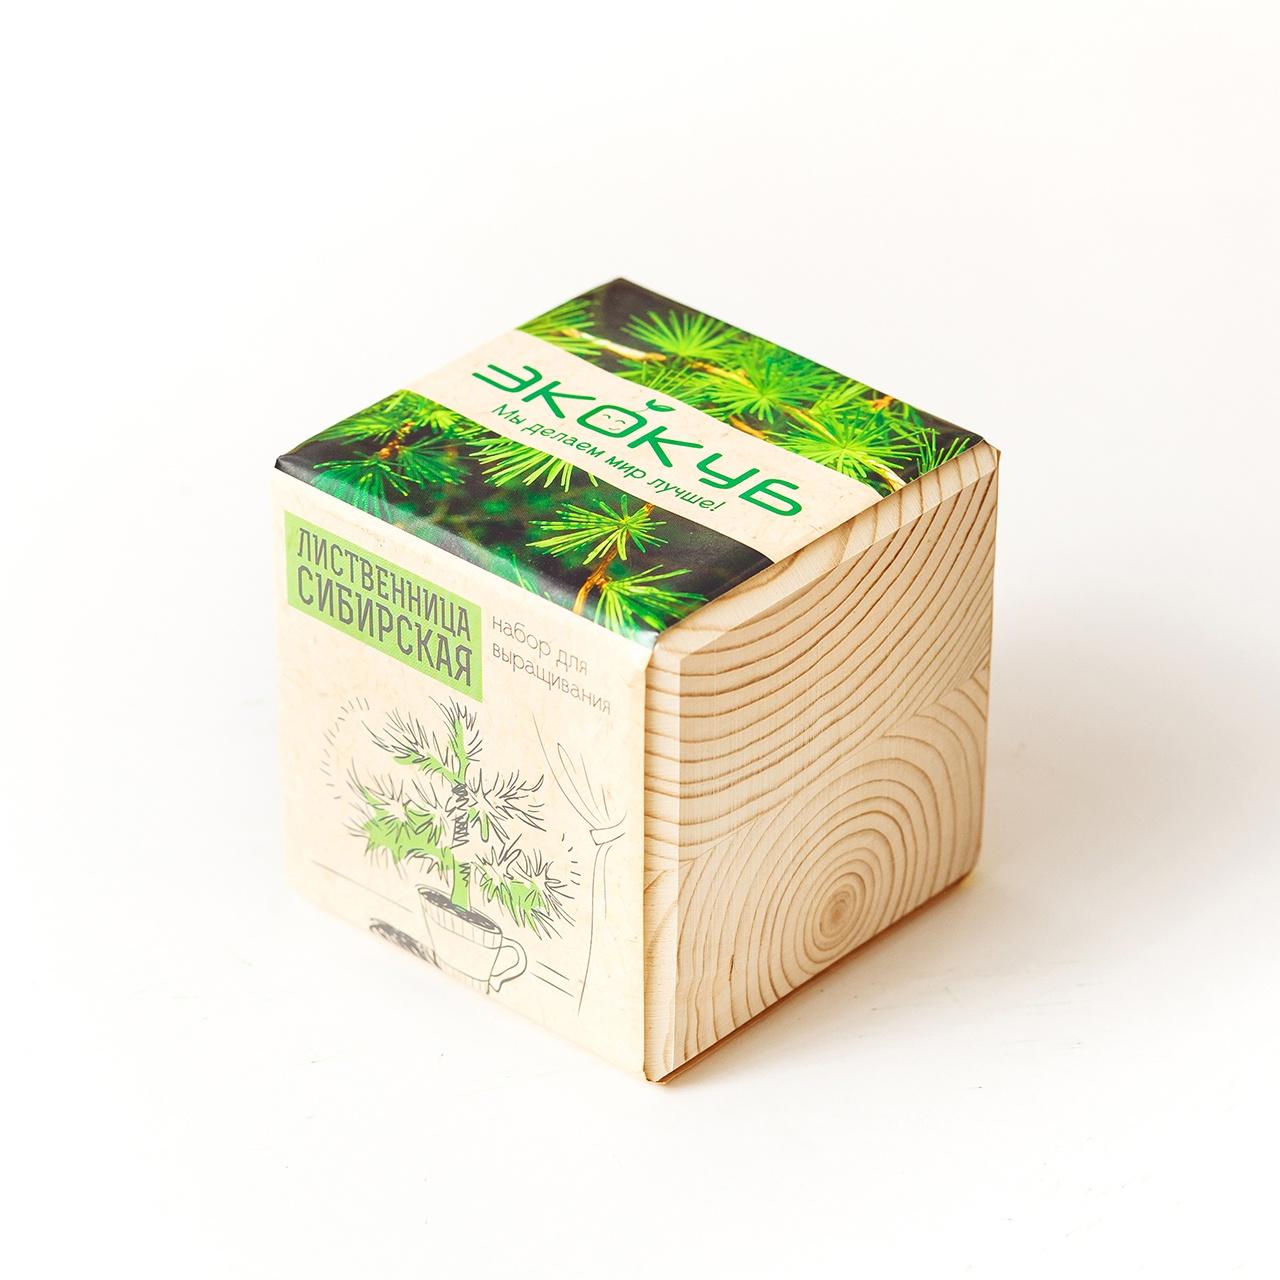 Набор для выращивания Экокуб Лиственница сибирская набор для опытов и экспериментов набор для выращивания экокуб базилик